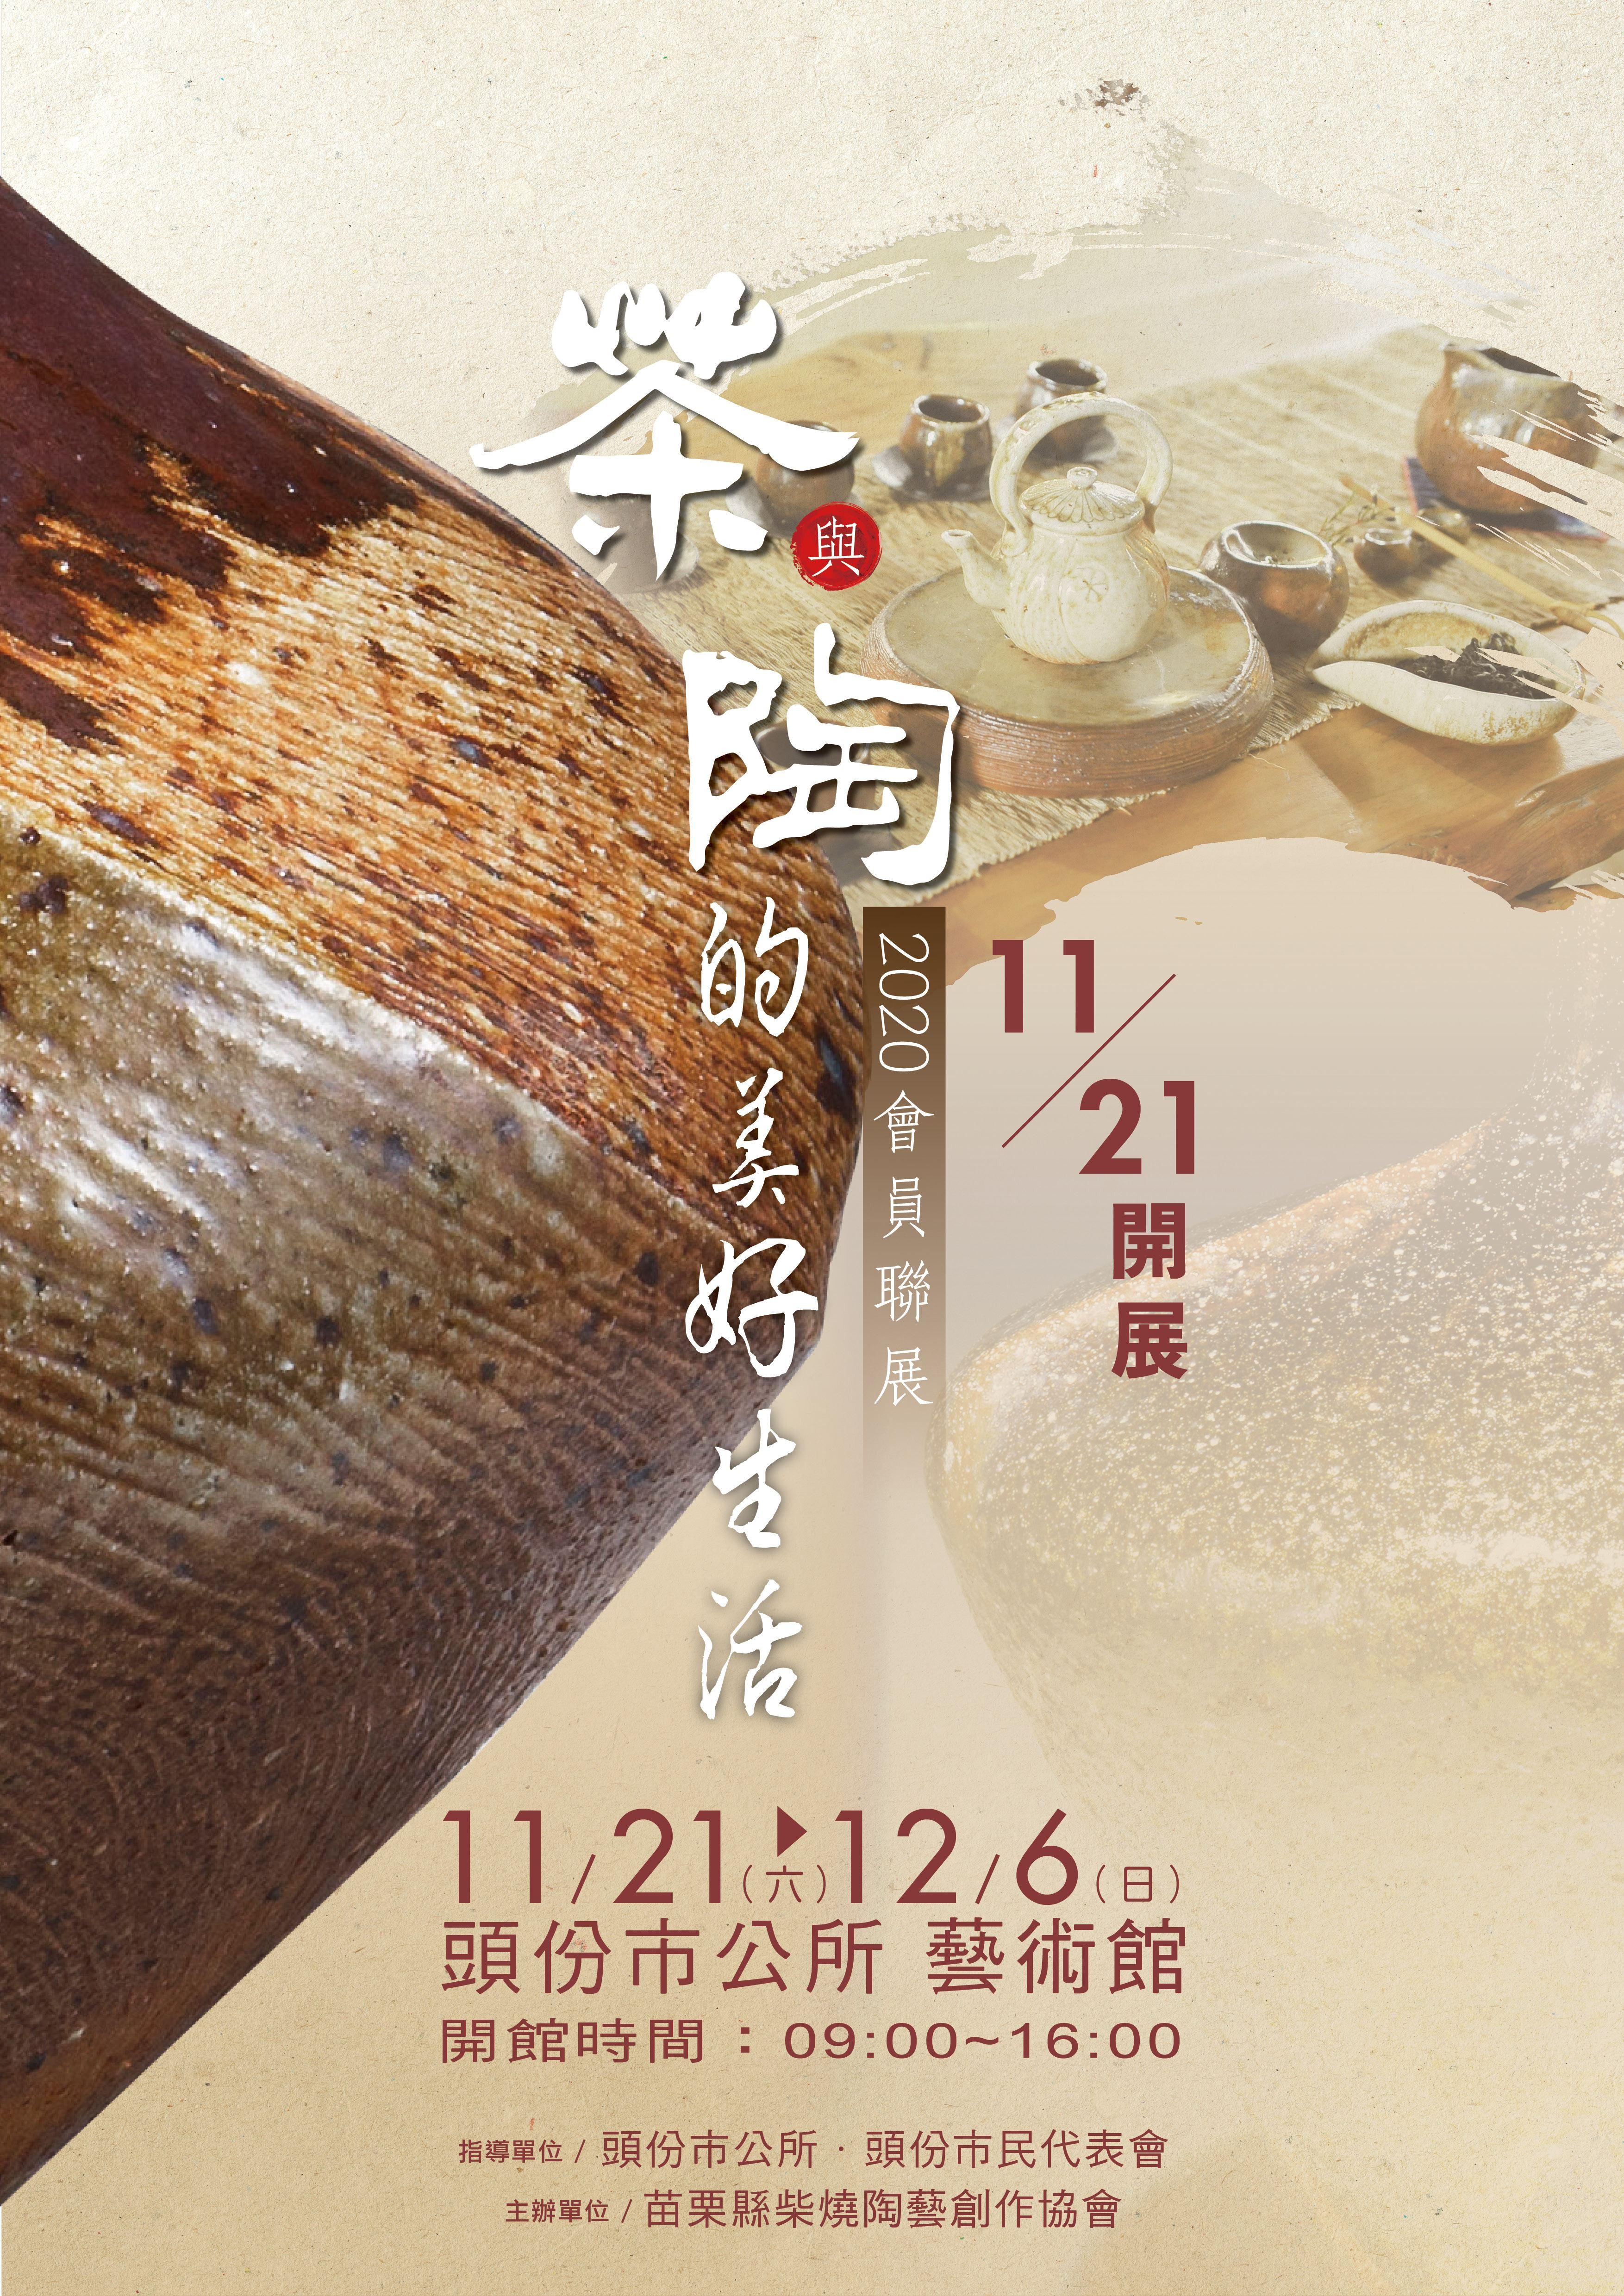 頭份市公所藝術館11月21日至12月6日每日9時至16時,舉辦「苗栗縣柴燒陶藝創作協會『茶與陶的美好生活』會員聯展」,歡迎鄉親蒞臨觀賞。